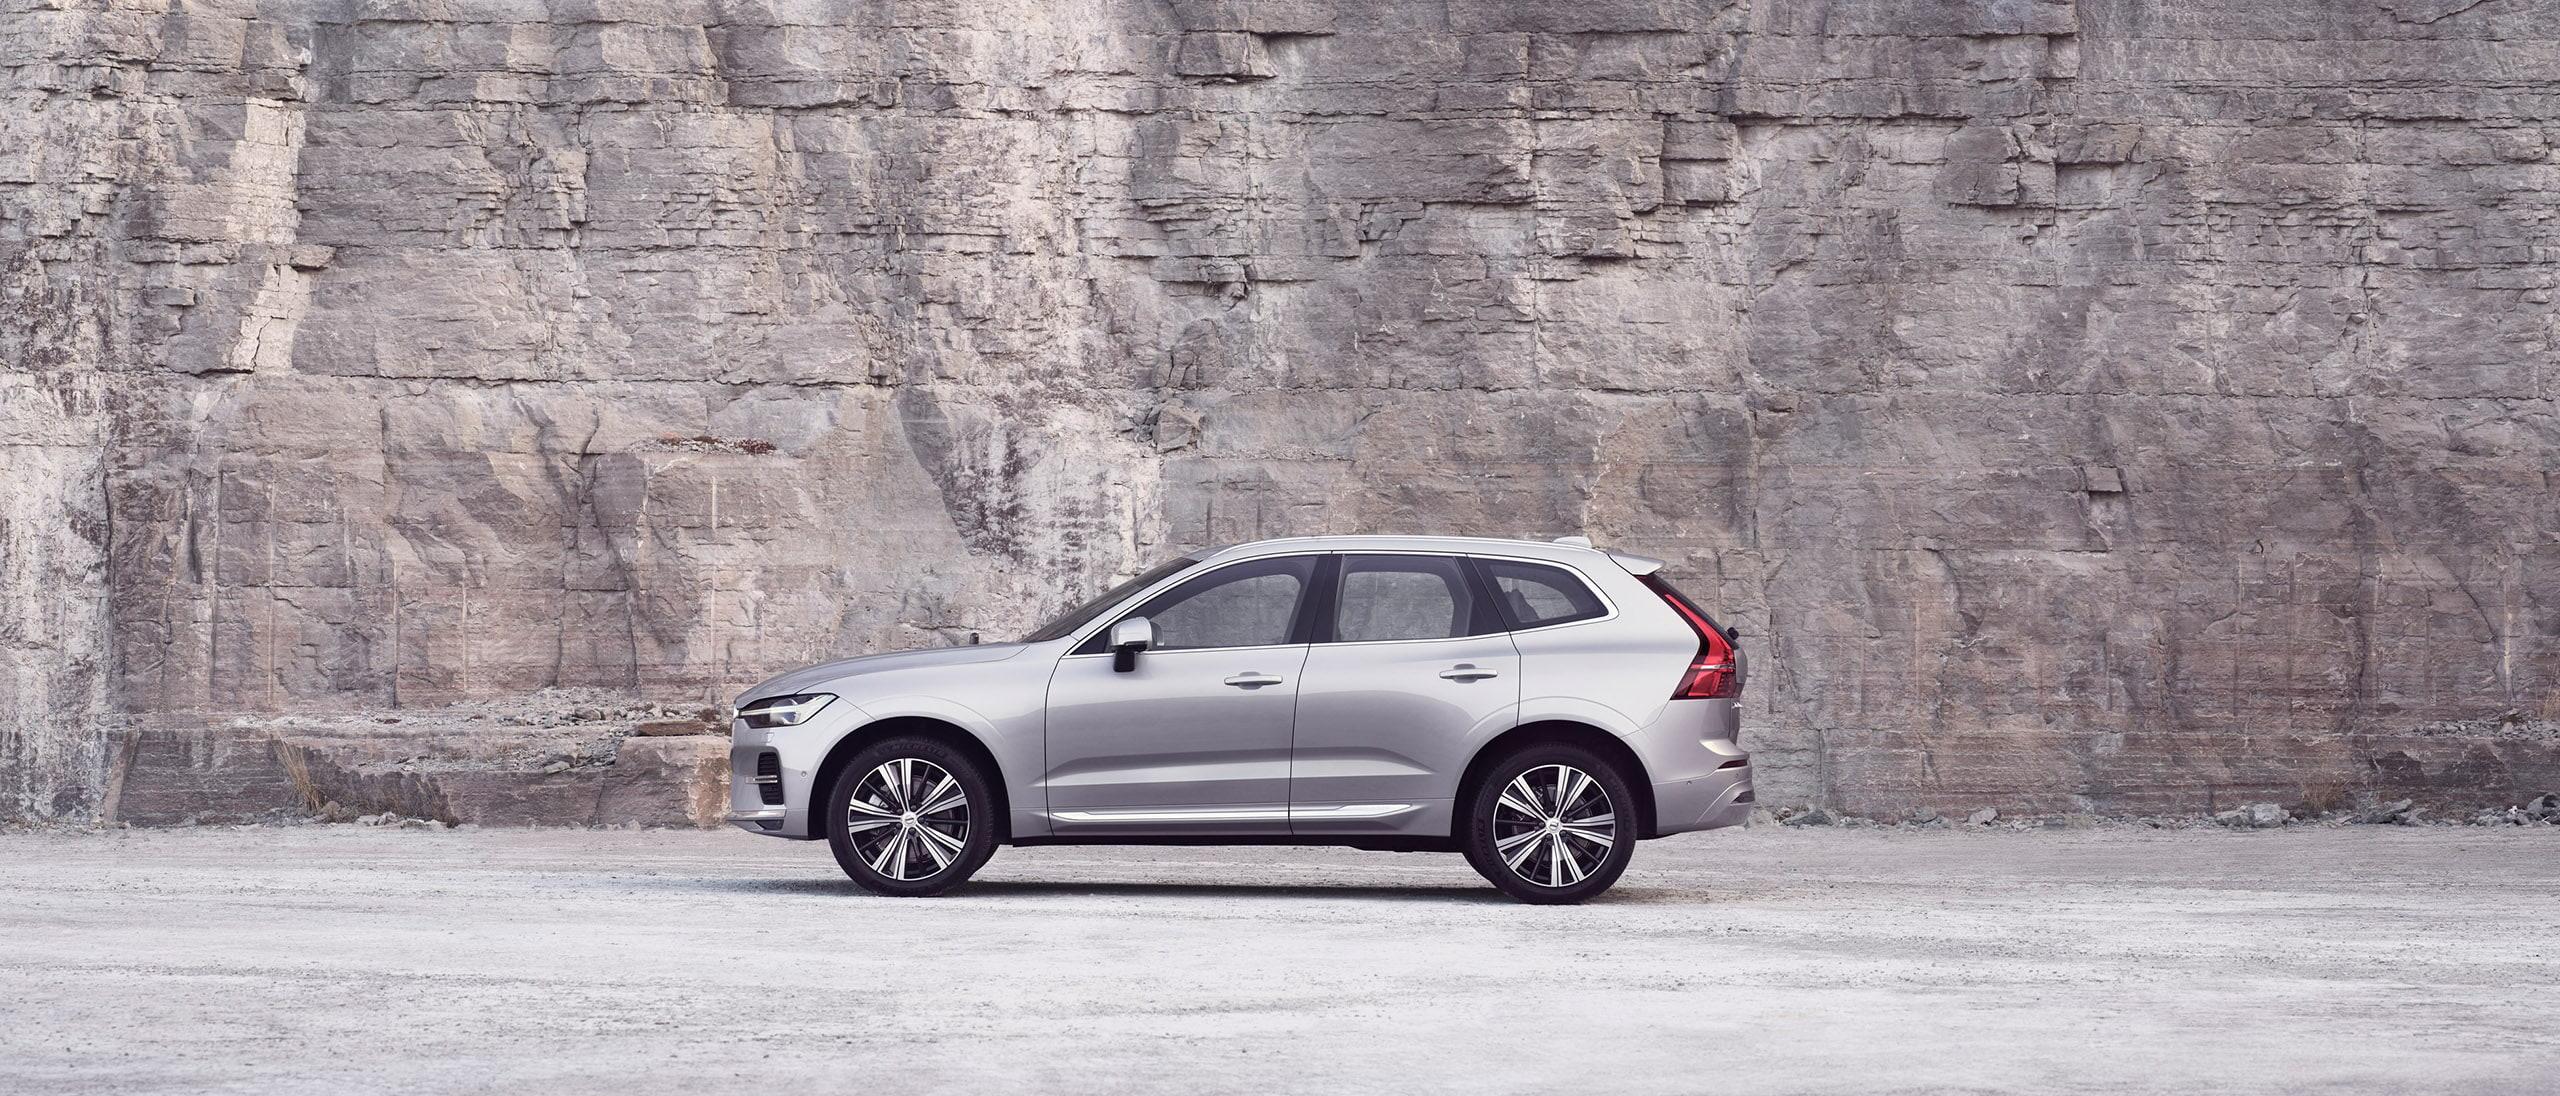 Ein silberner Volvo XC60, der vor einer Felswand steht.